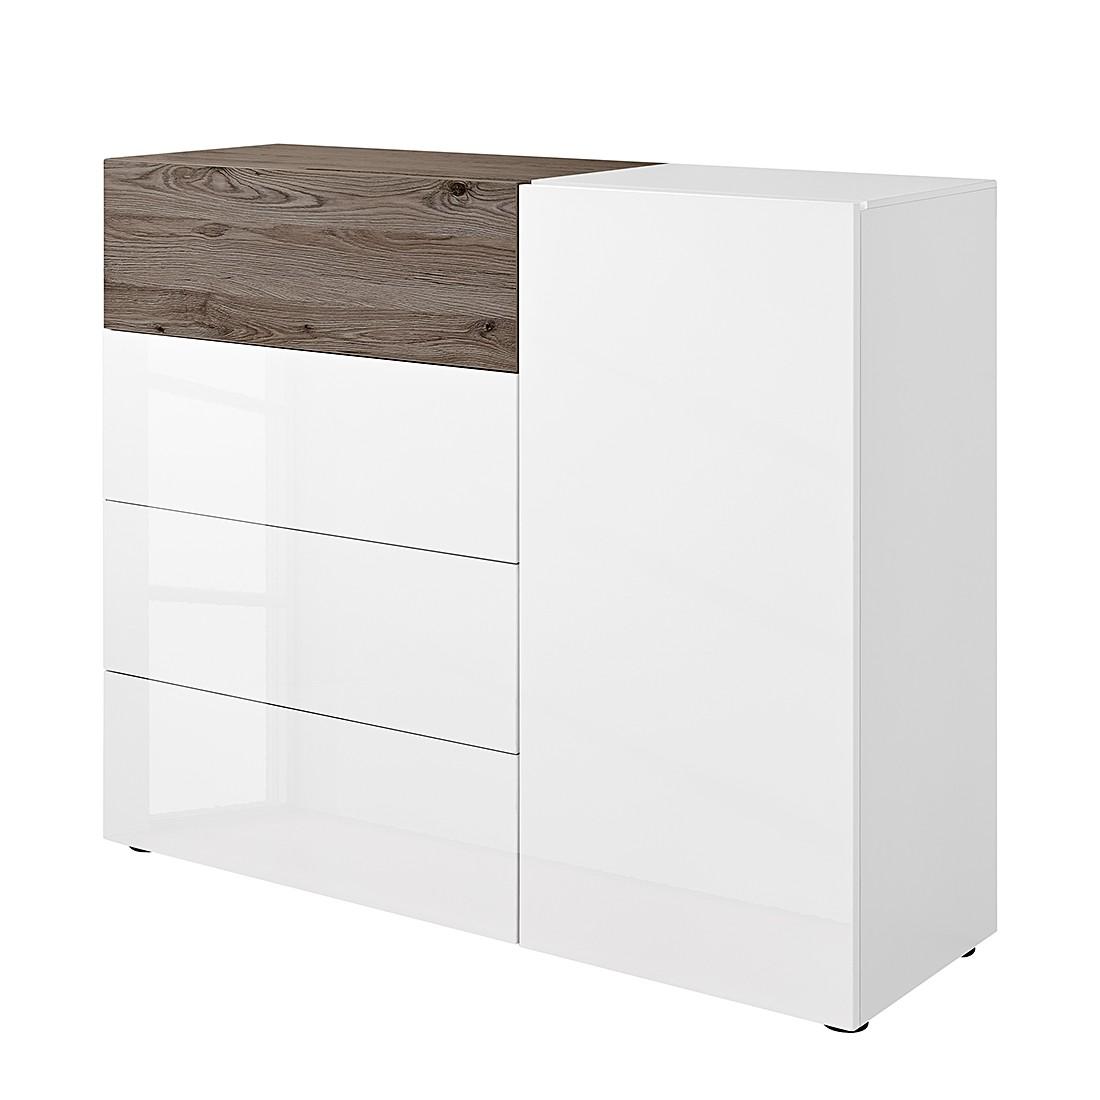 sideboard beam ii wei hochglanz wei eiche dunkel dekor arte m. Black Bedroom Furniture Sets. Home Design Ideas